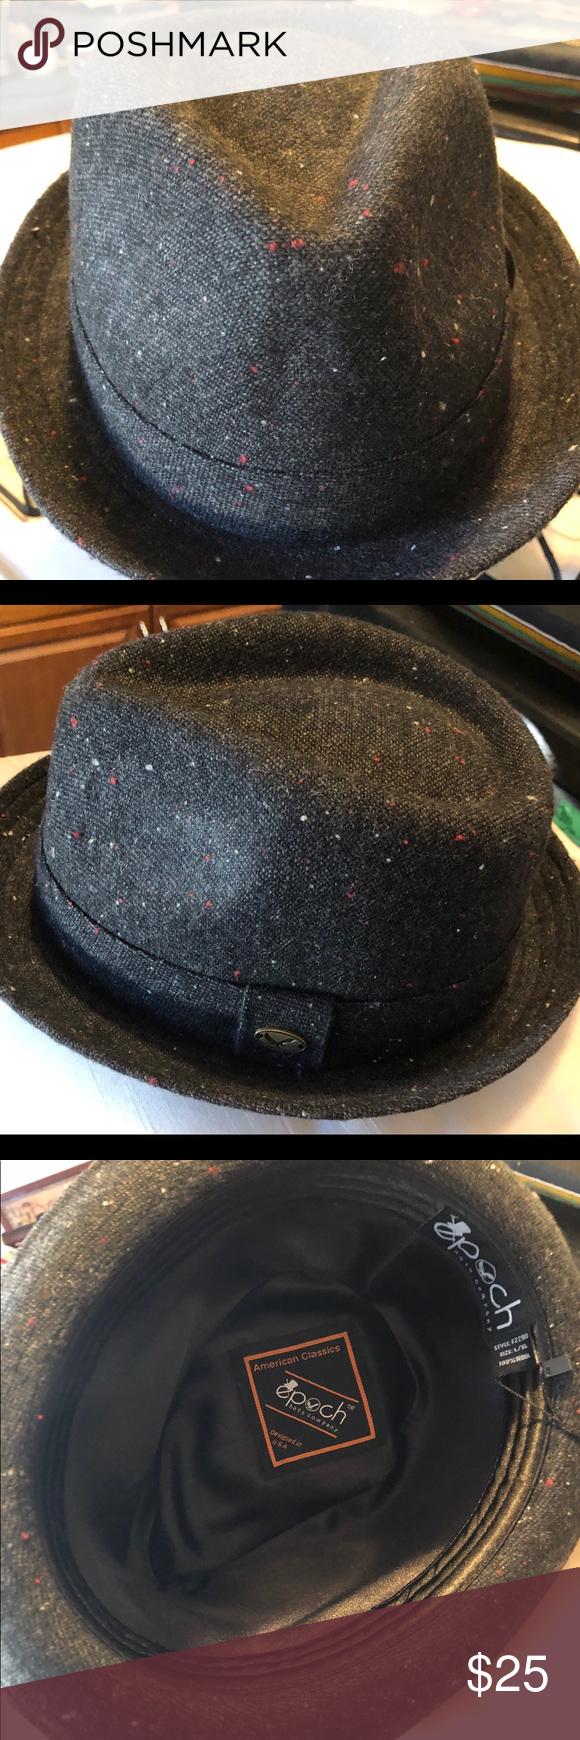 1a54ef7ec3b20 Fedora Hat with Fabric Band 🎩🦋NWT Tweed Wool NWT Tweed Wool Unisex Fedora  with Fabric Band 100% Wool L XL Dark Grey Epoch Accessories Hats